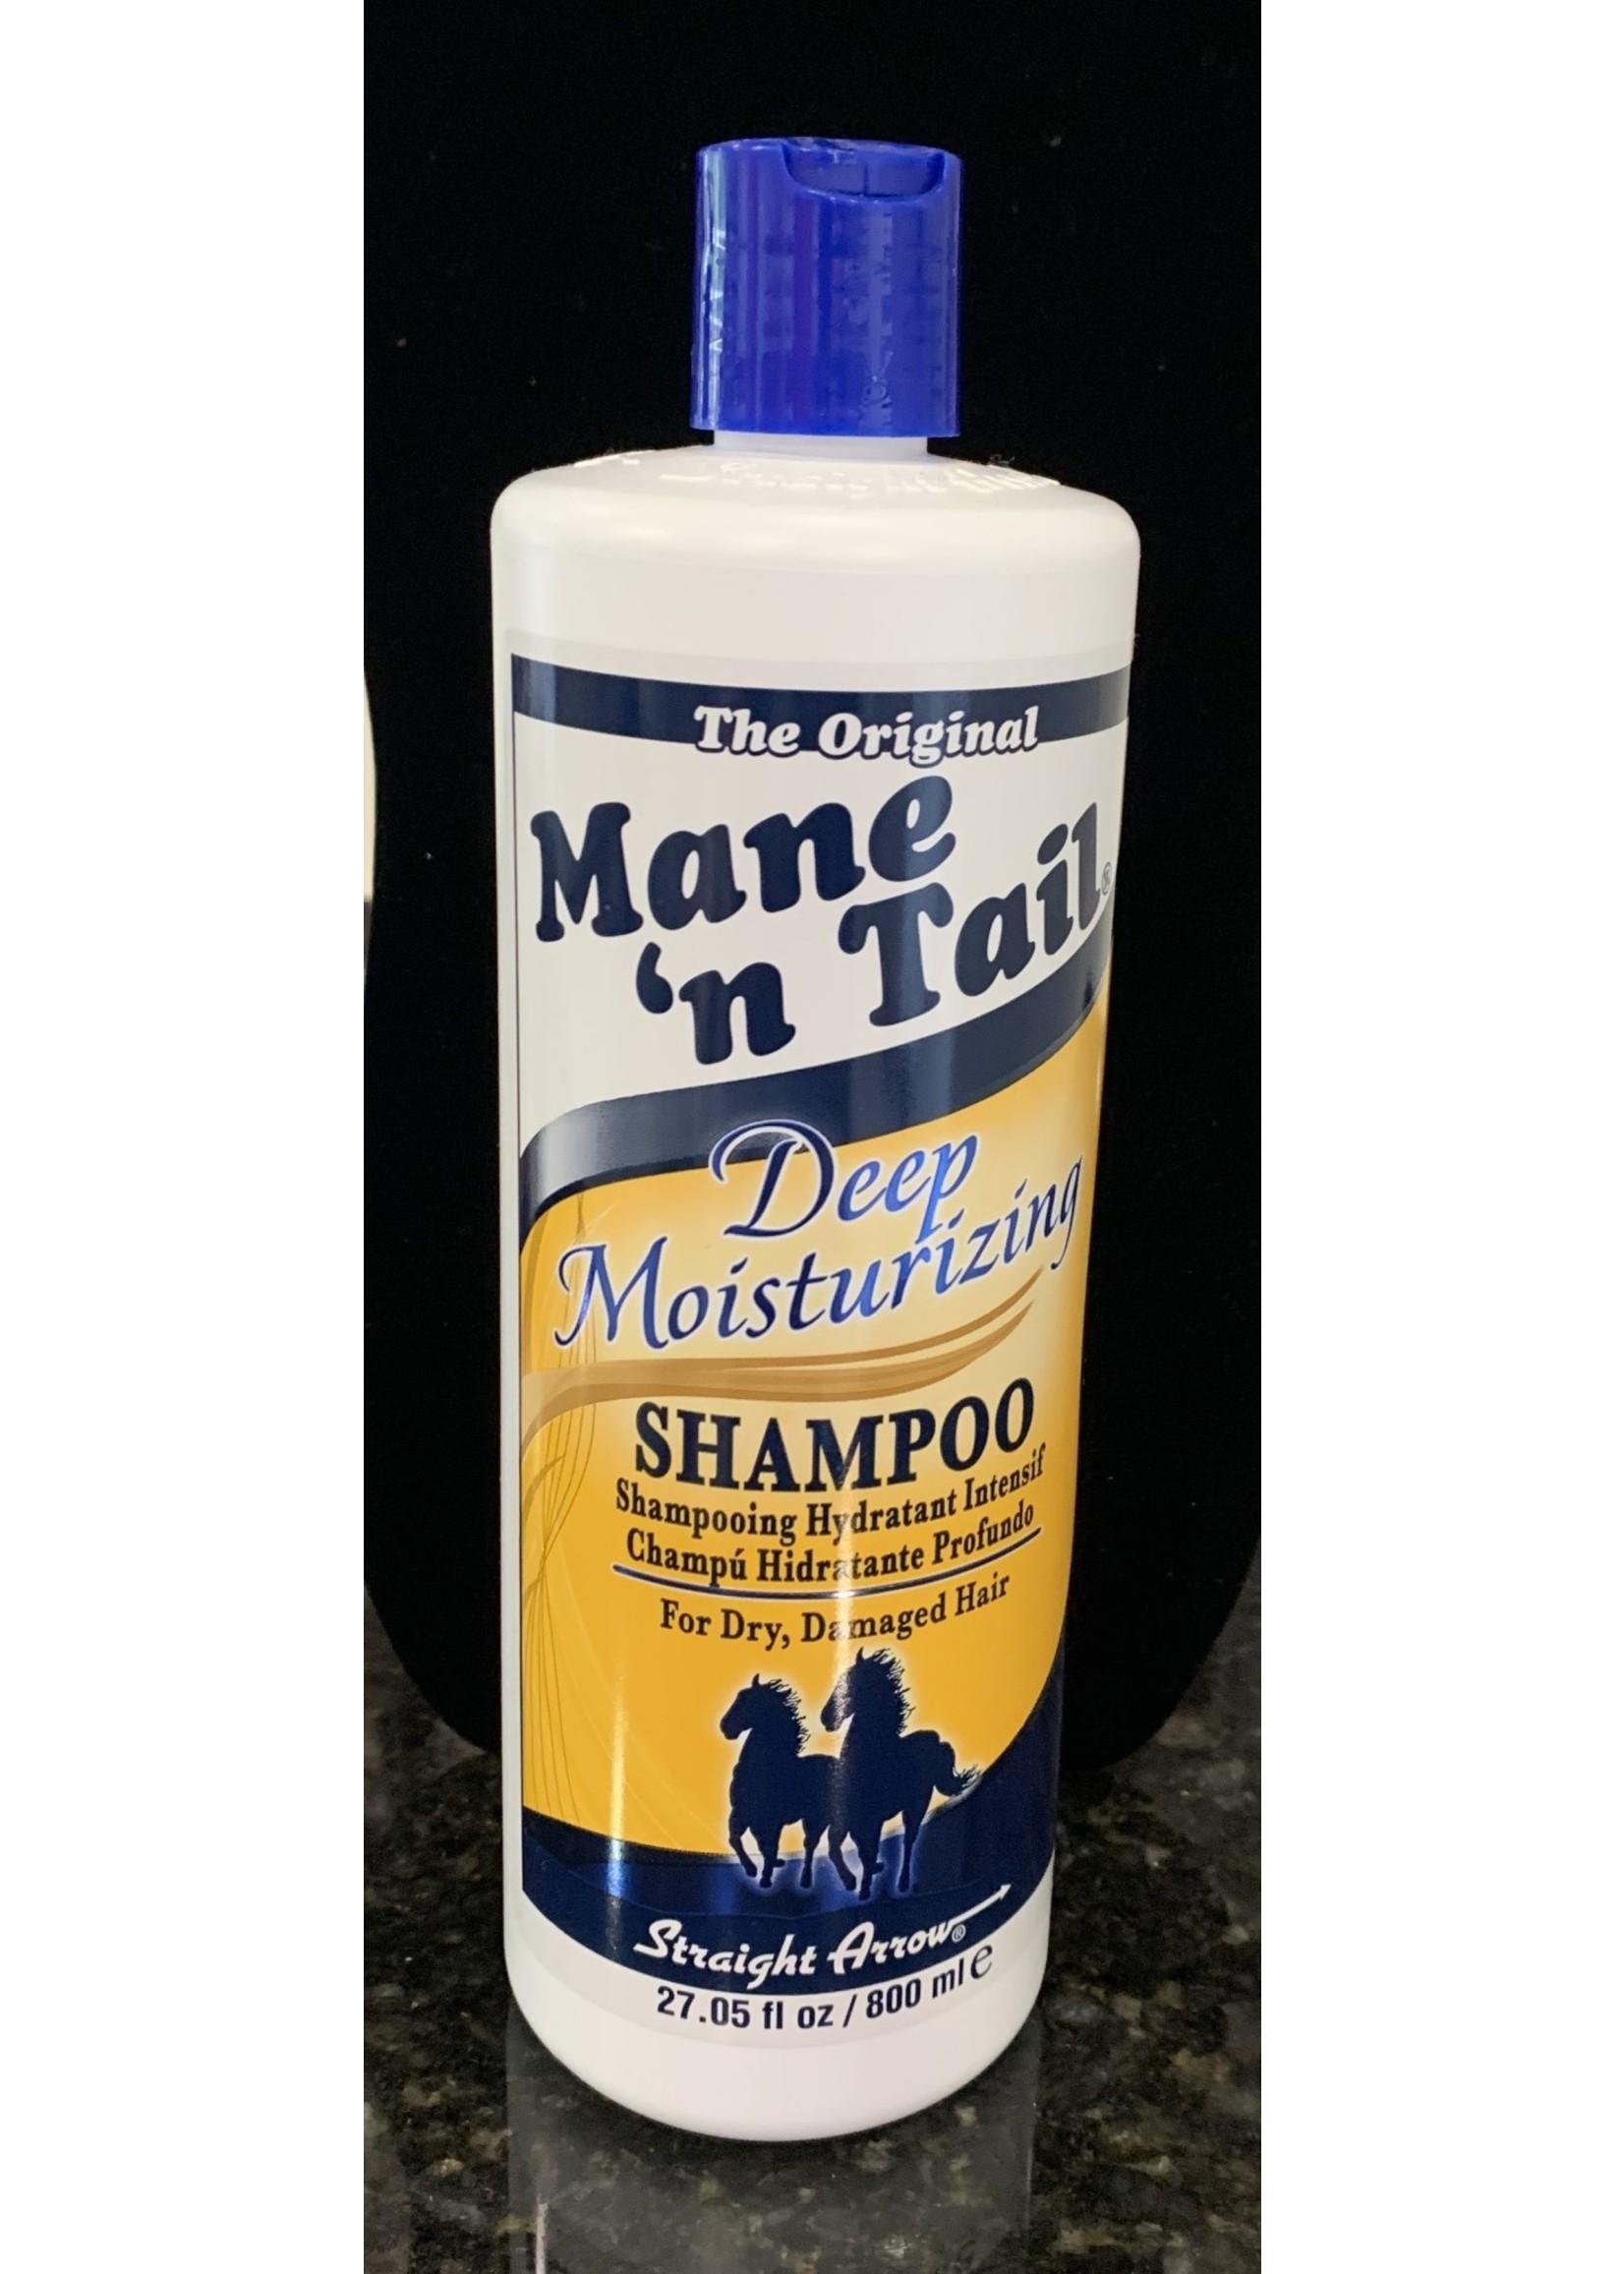 Mane nTail Shampoo Deep Moist